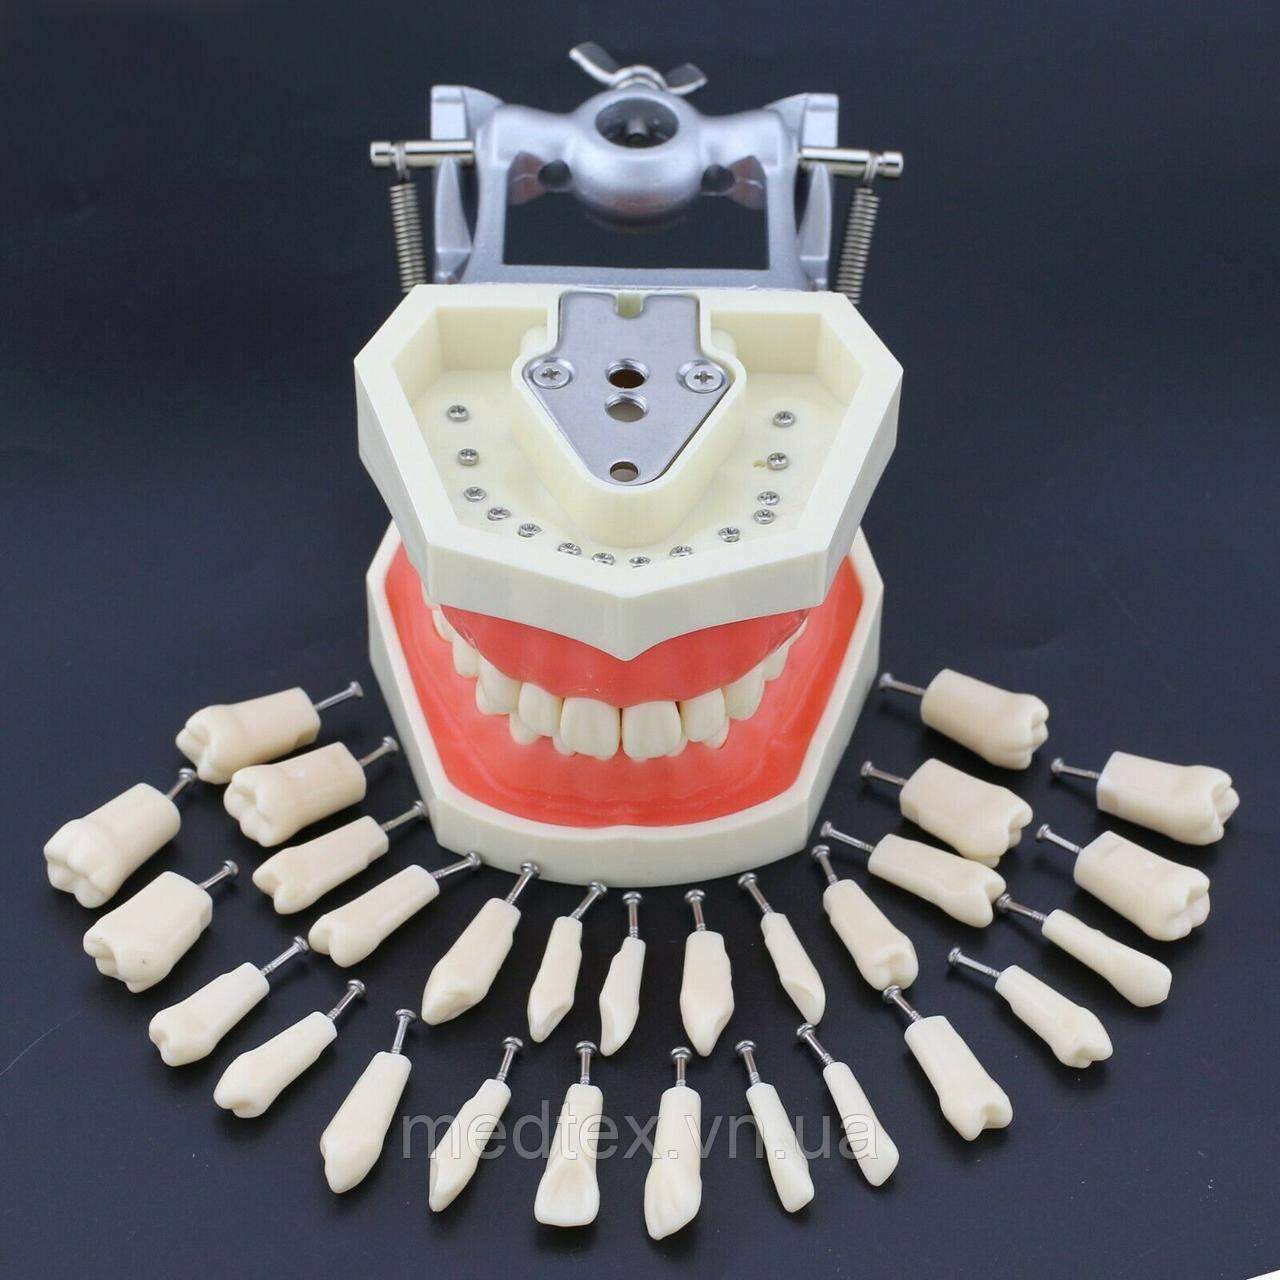 Набор сменных зубов для фантома, модели